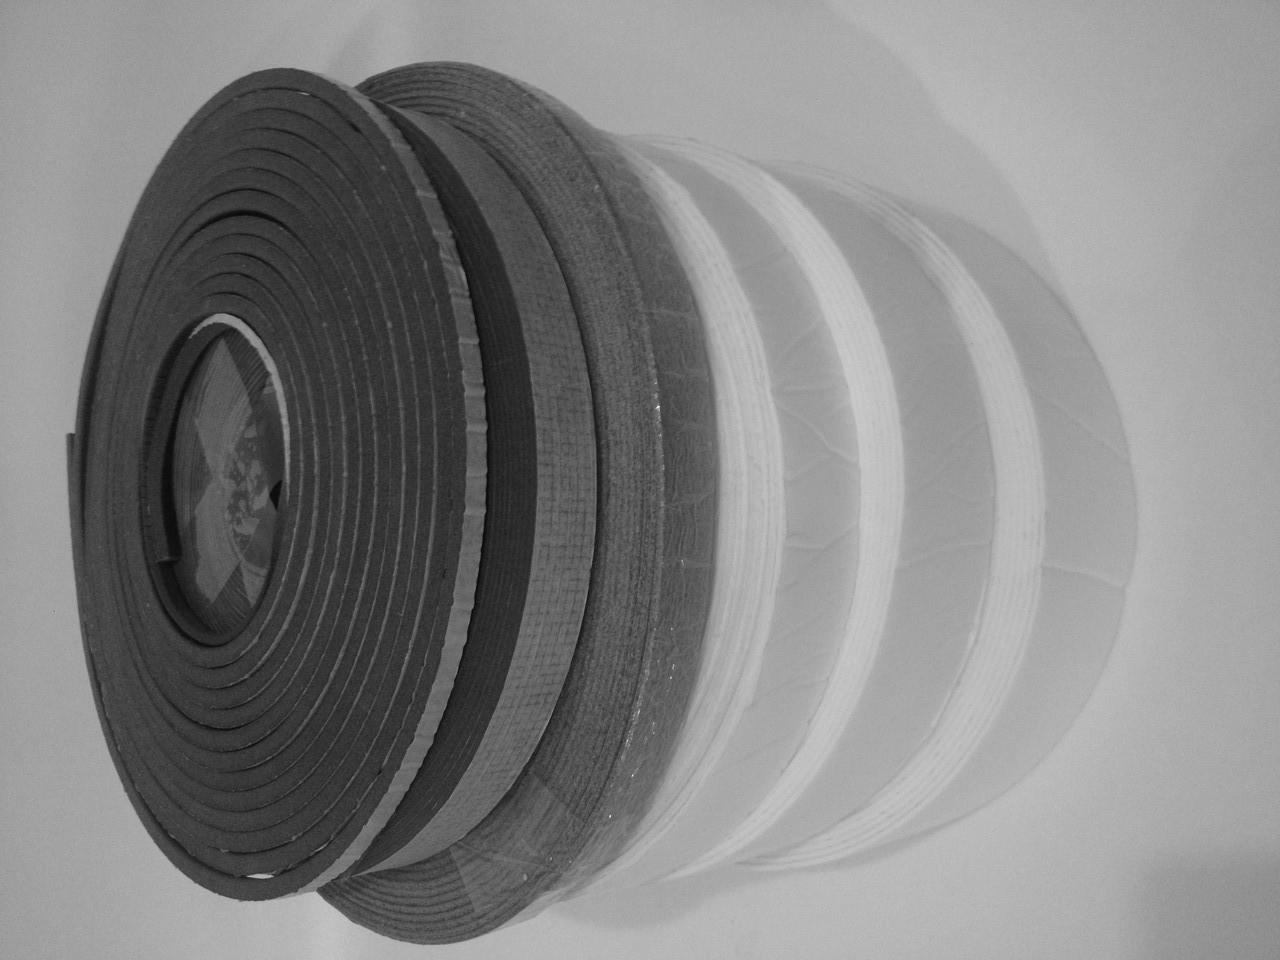 Звукоизоляционная самоклеющаяся лента ППЭ (Дихтунг) толщина 3 мм (90 мм*30 м)